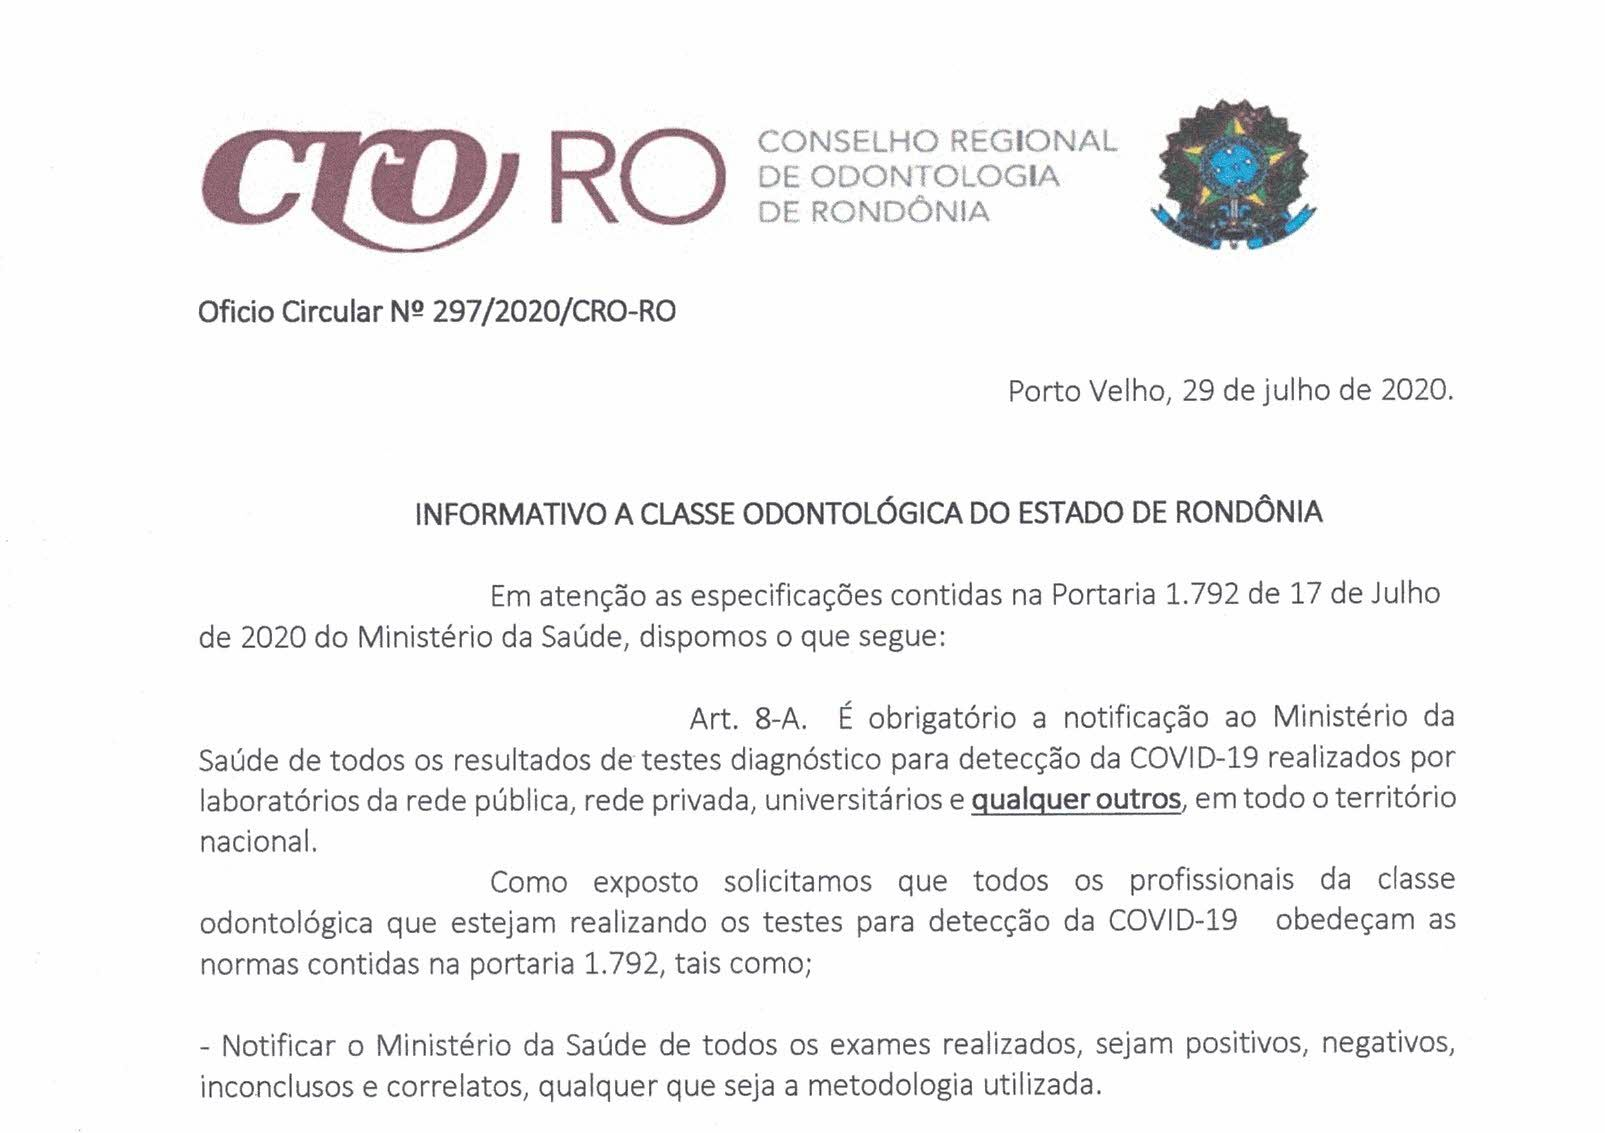 Informativo a Classe Odontológica do Estado de Rondônia